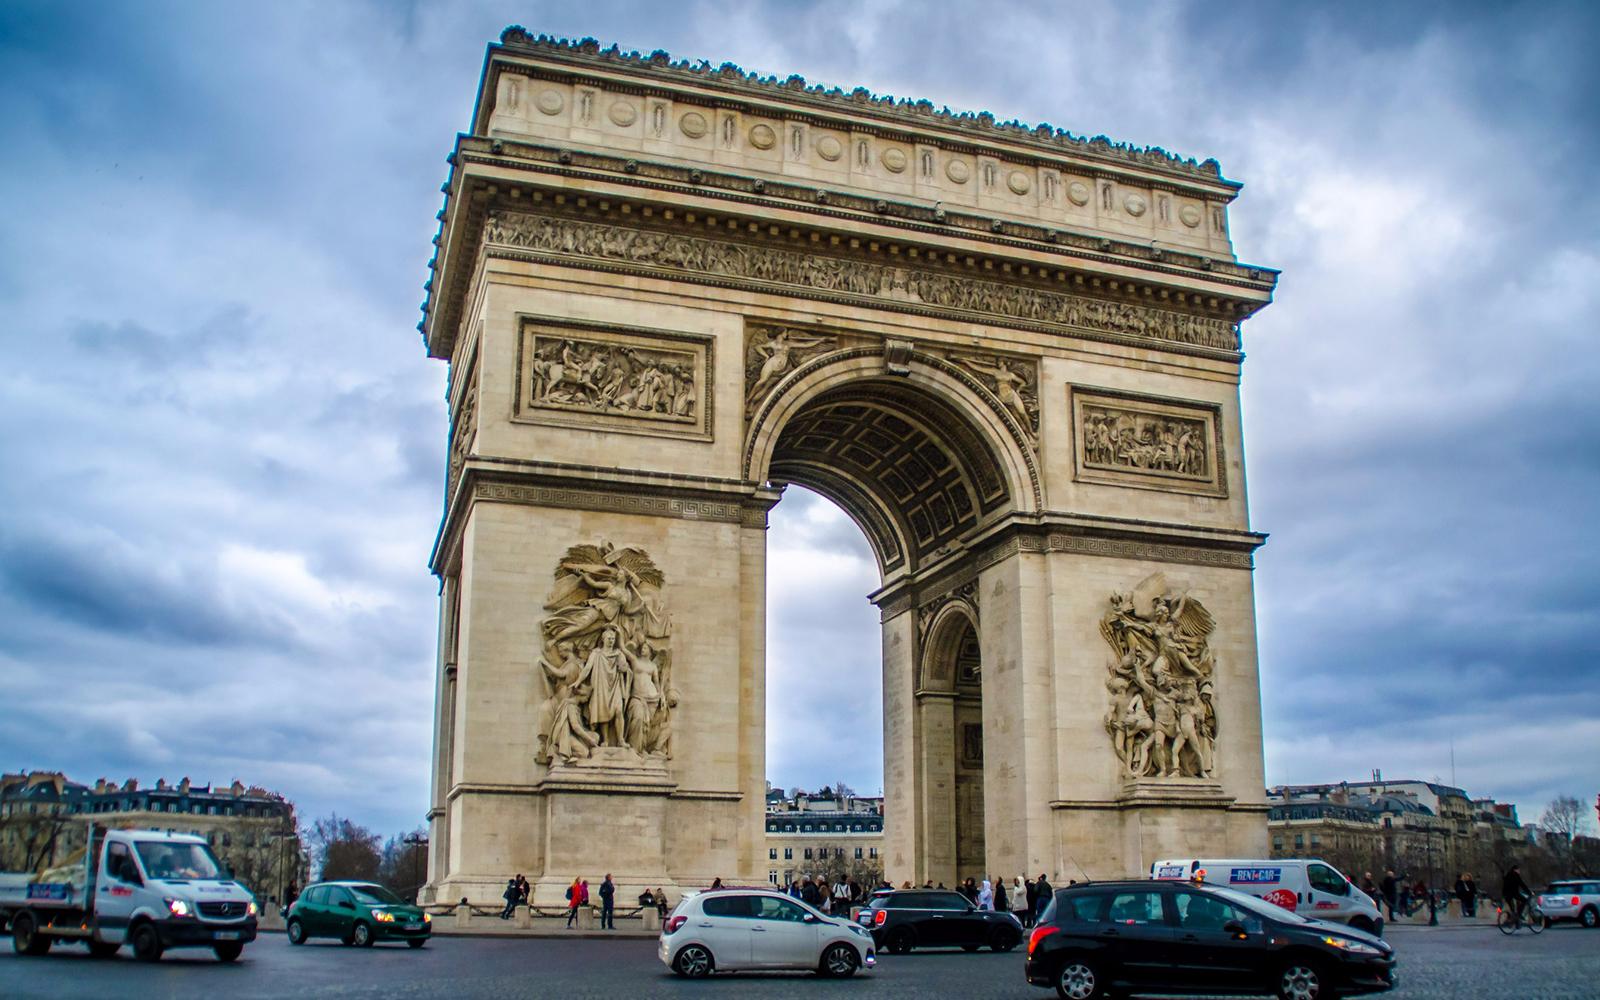 Bateaux Parisiens Seine River Cruise Best Prices Headout